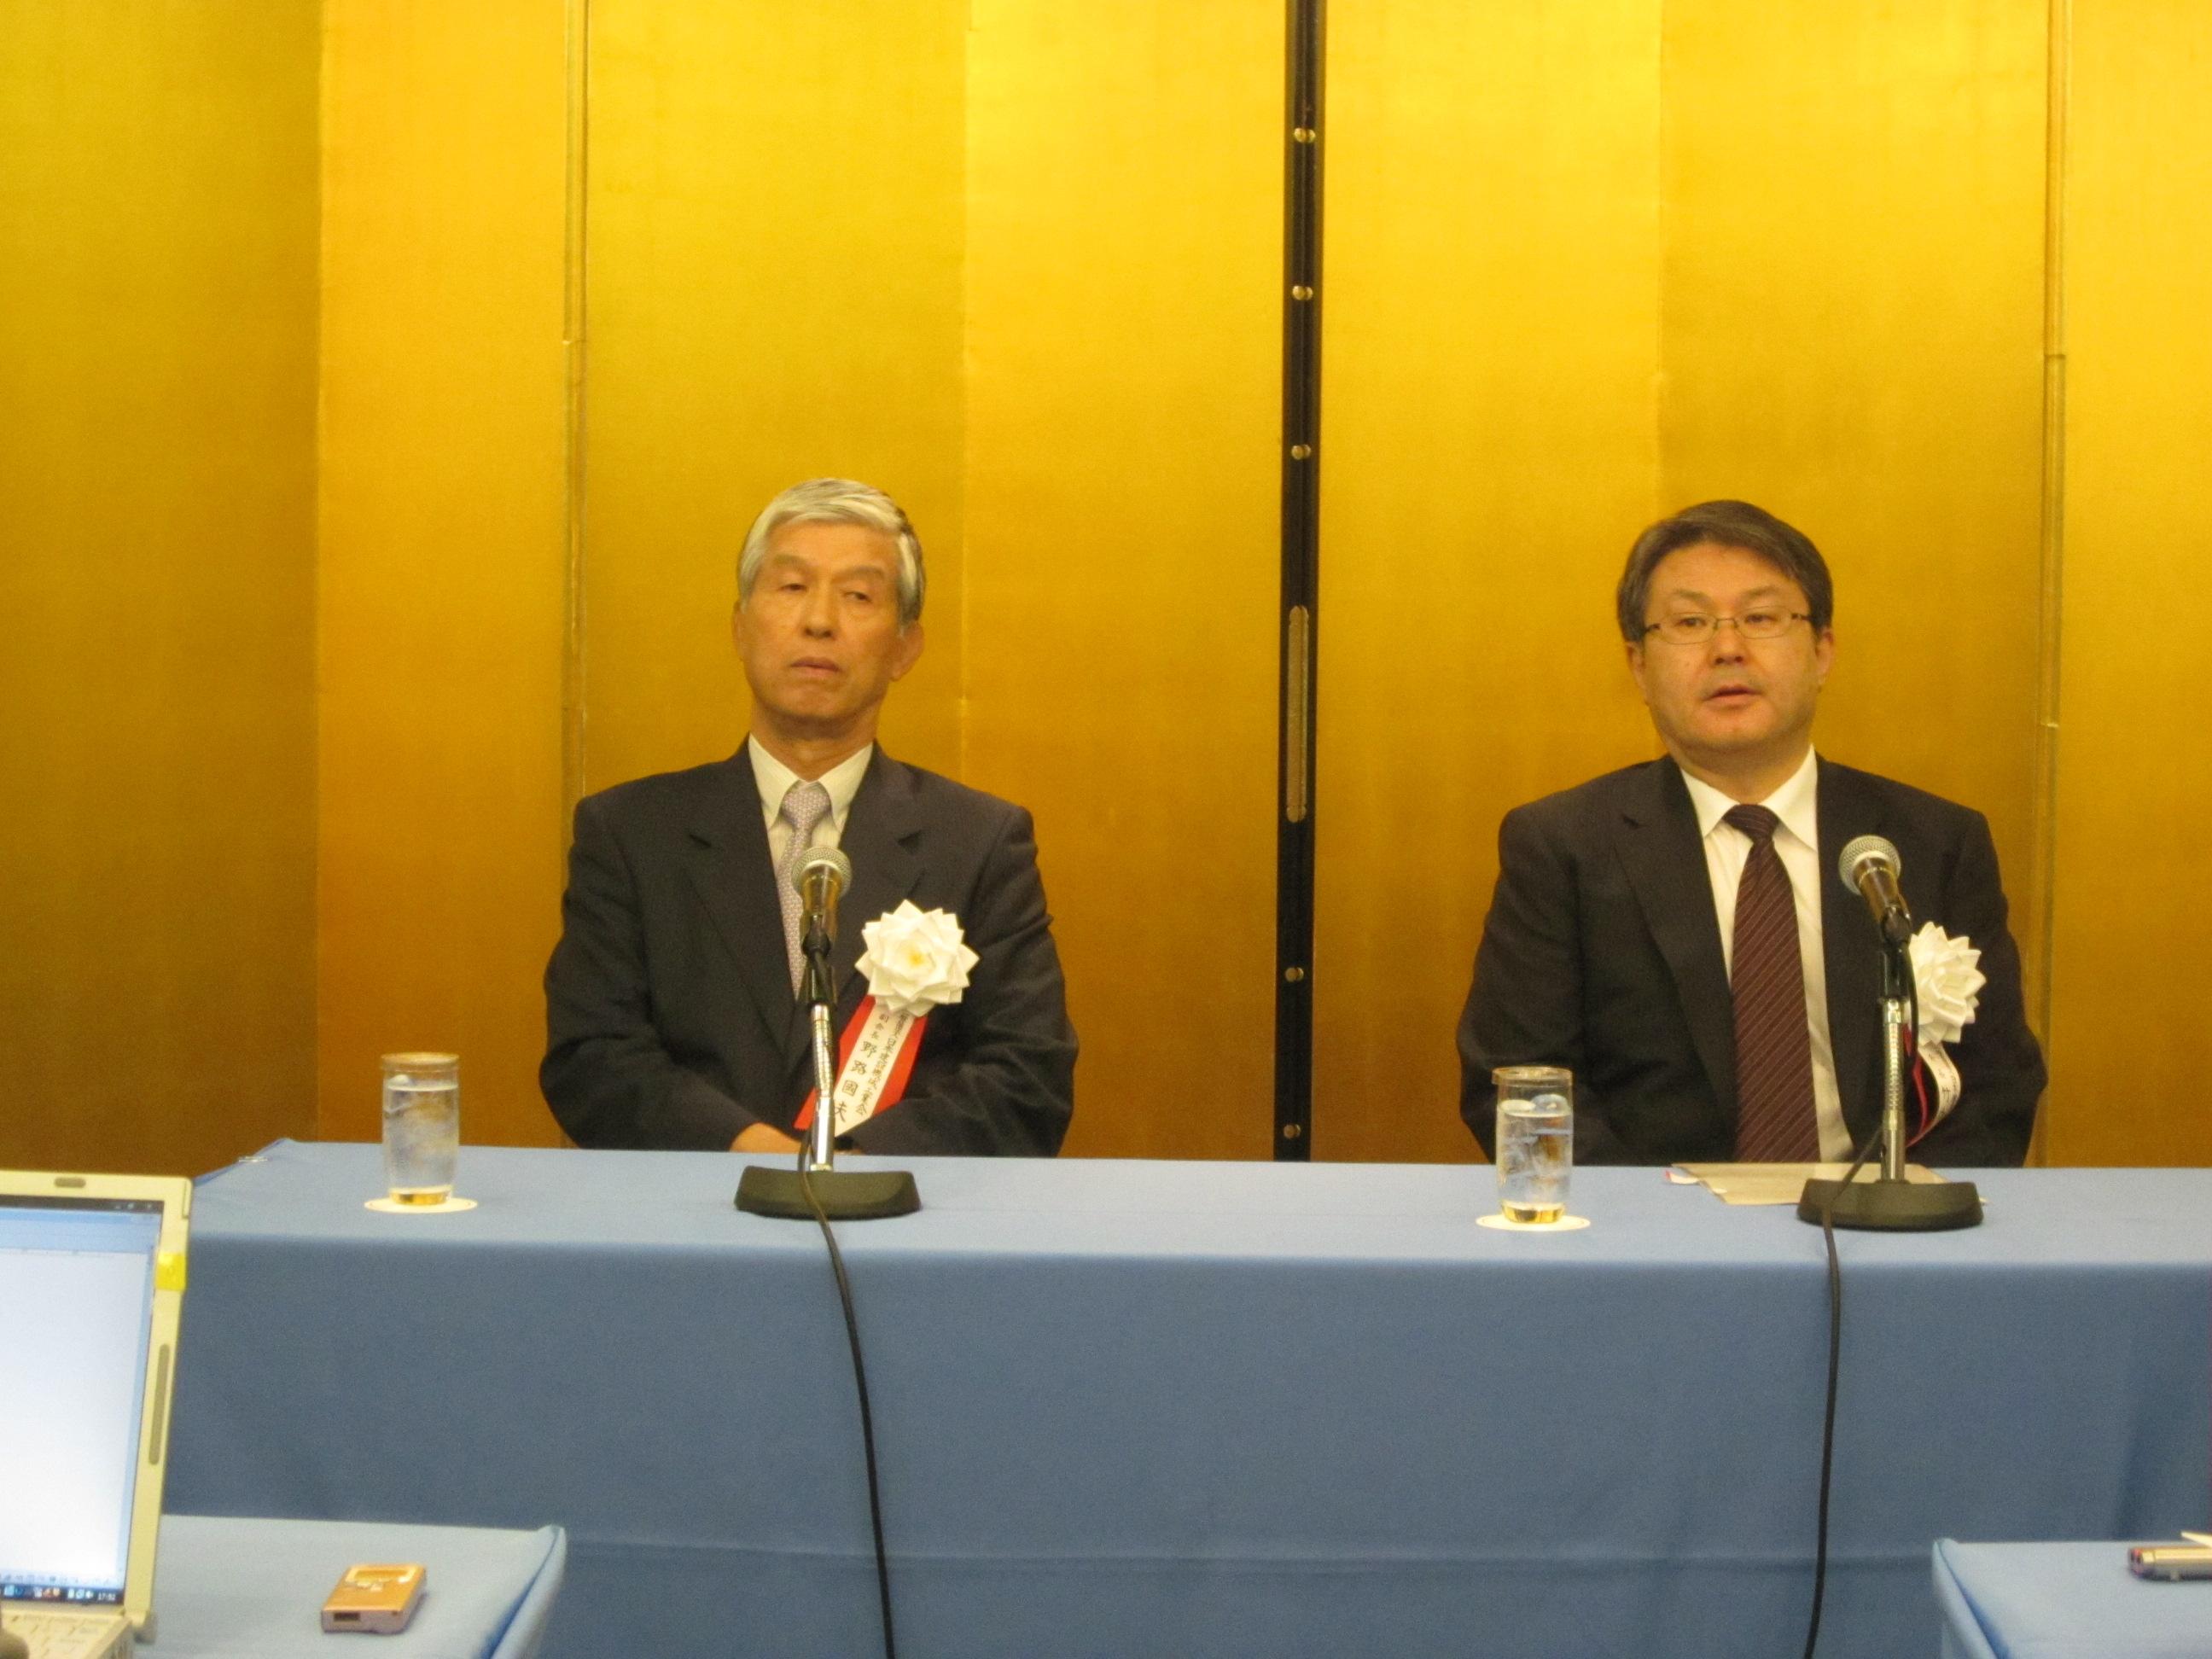 就任記者会見の様子:左野路前会長、右竹内新会長